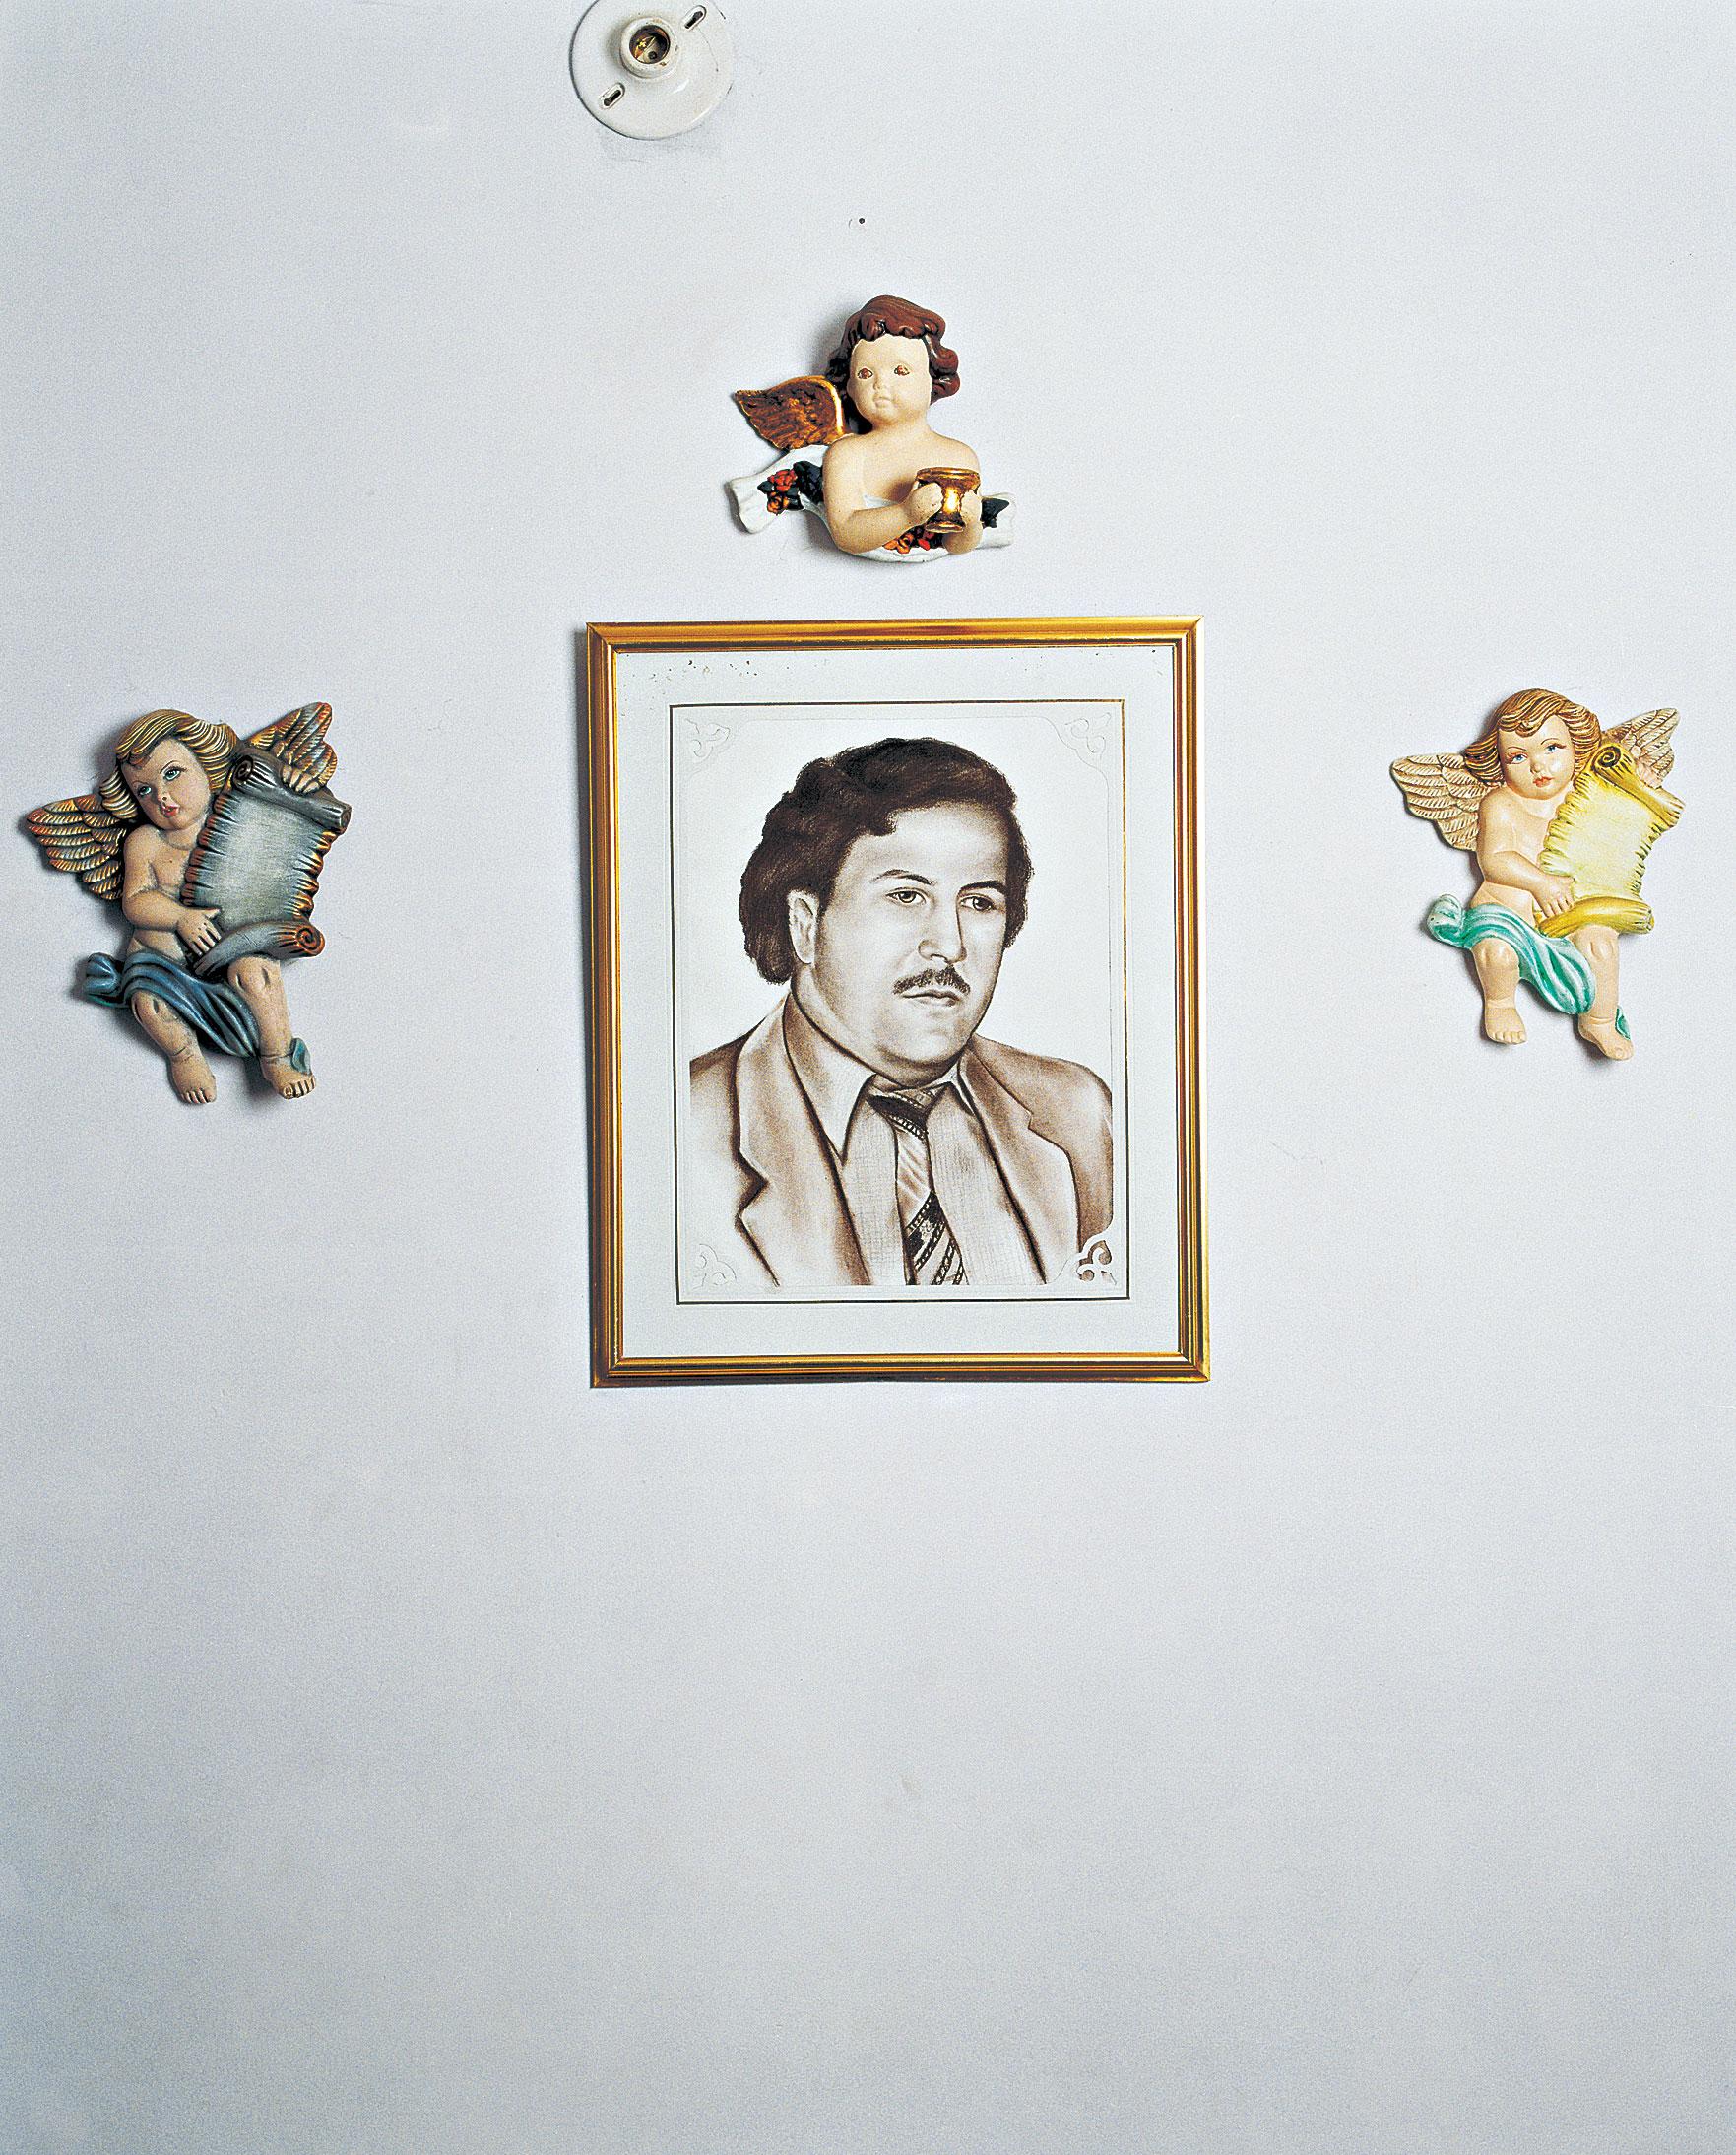 Пабло Эмилио Эскобар1 декабря 1949 – 2 декабря 1993